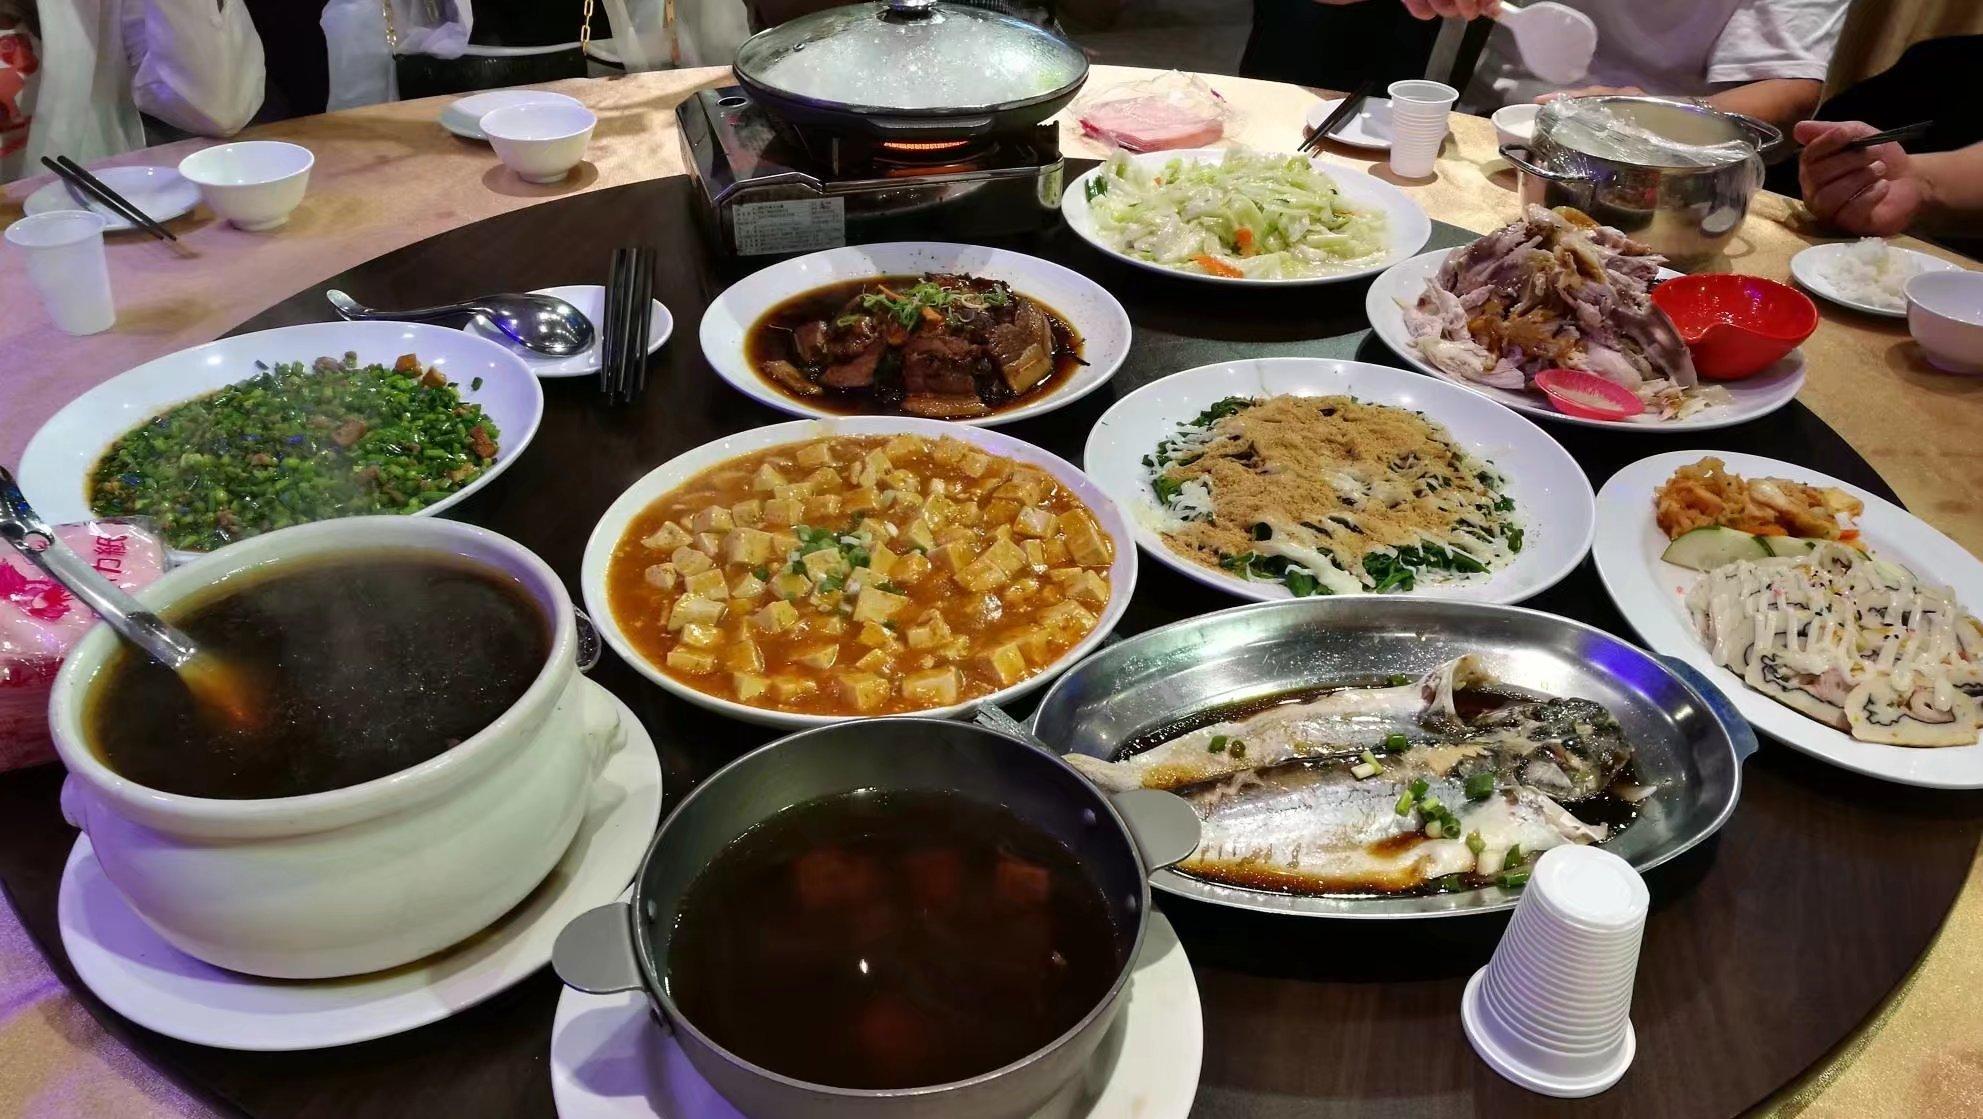 丰盛的午餐,七个人一桌,真的是吃不完